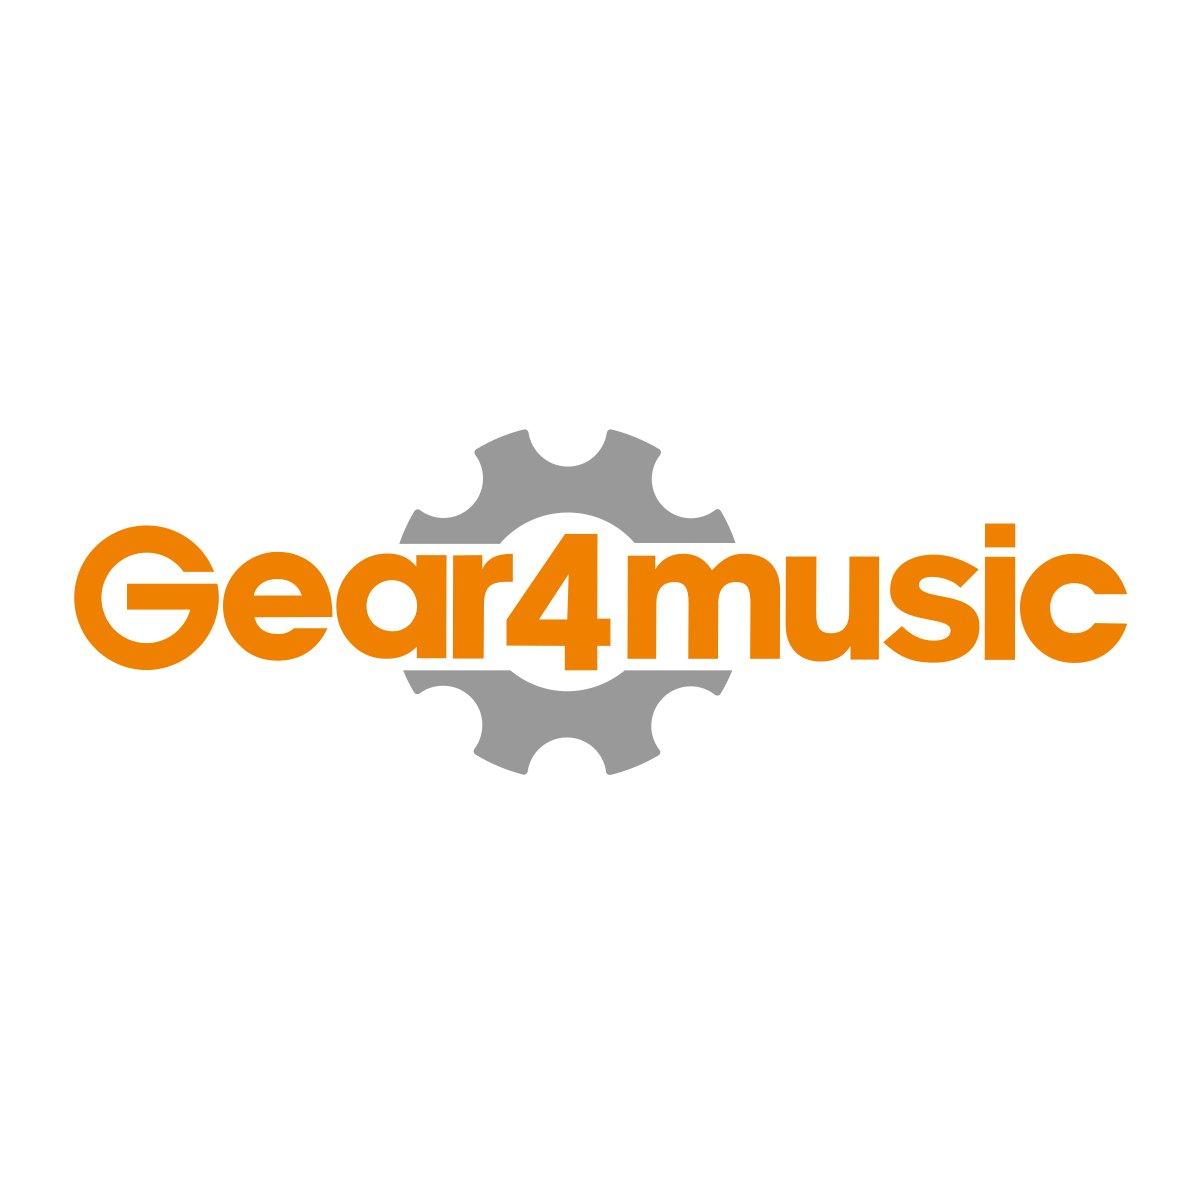 Saco de Elevada Qualidade para Tarola com Saco de Baqueta de Gear4music